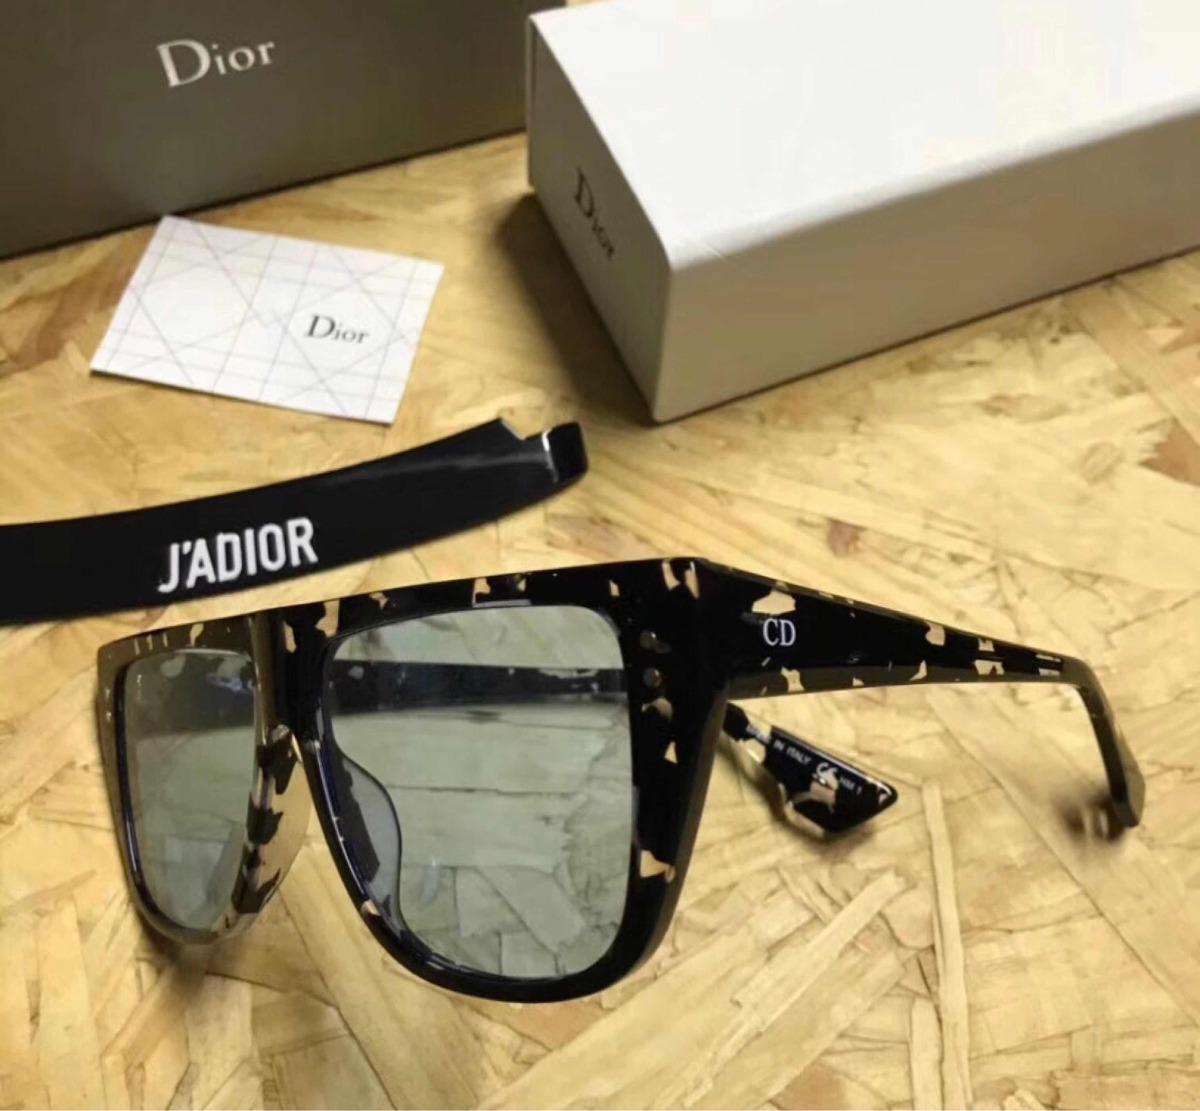 e233102a722af Óculos Dior Jadior Croco Com Lente Azul Original - R  1.678,80 em Mercado  Livre